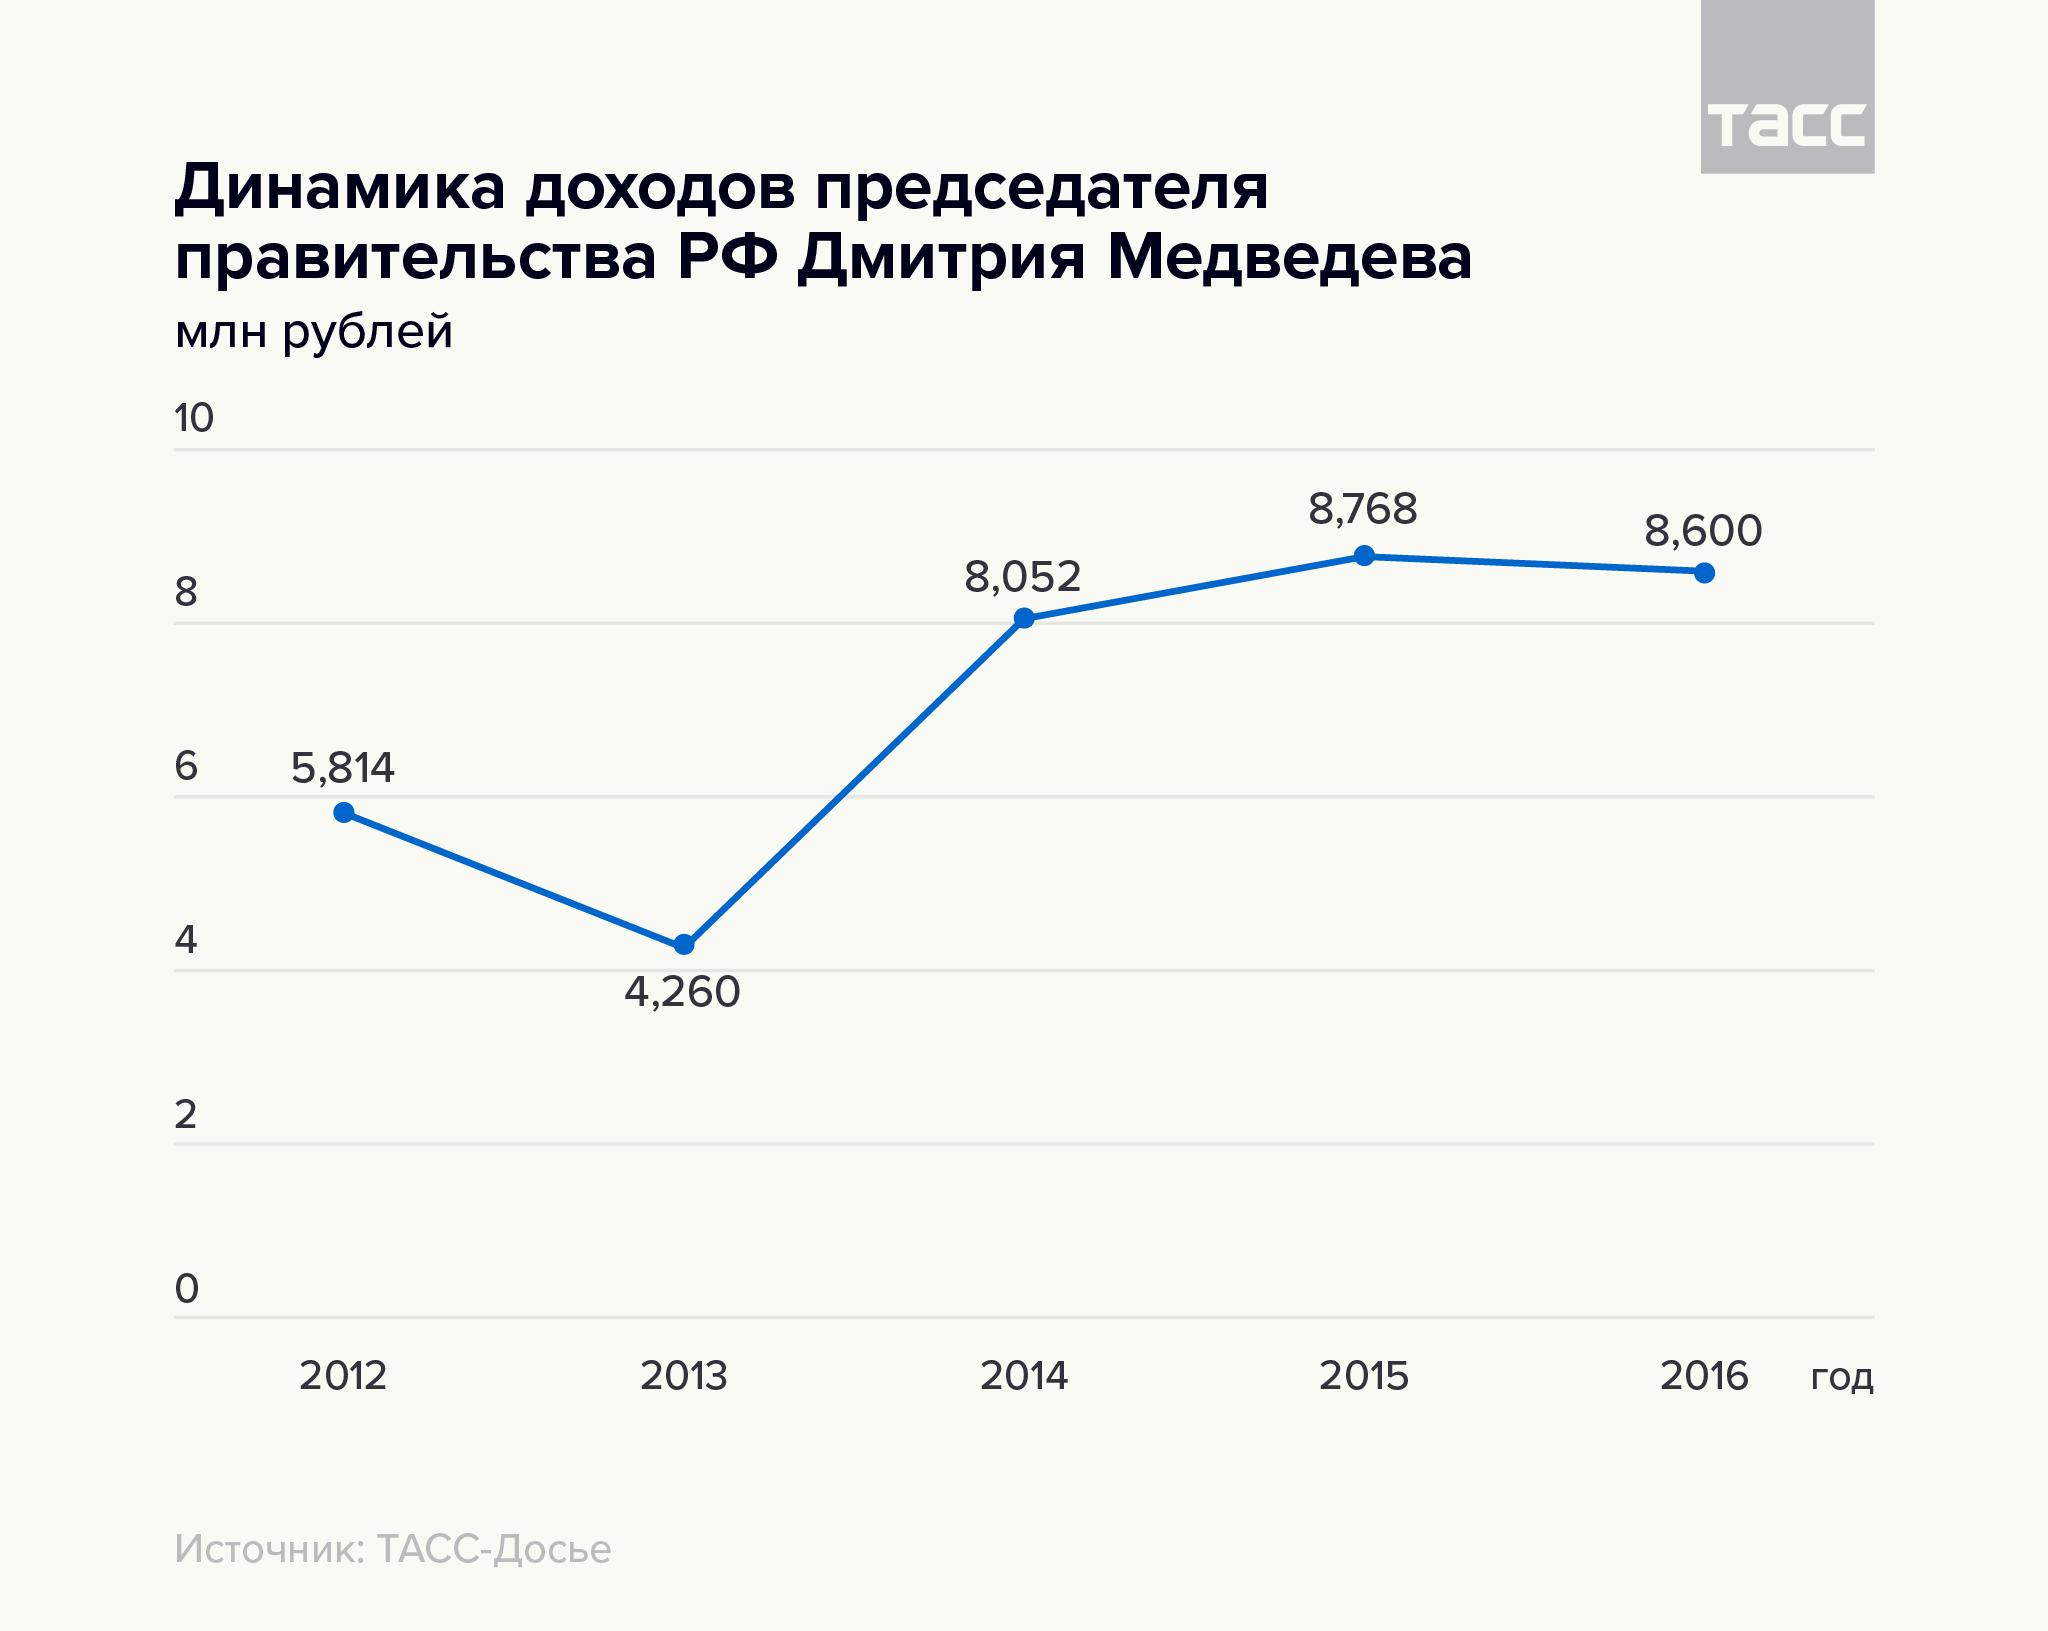 Динамика доходов председателя правительства РФ Дмитрия Медведева